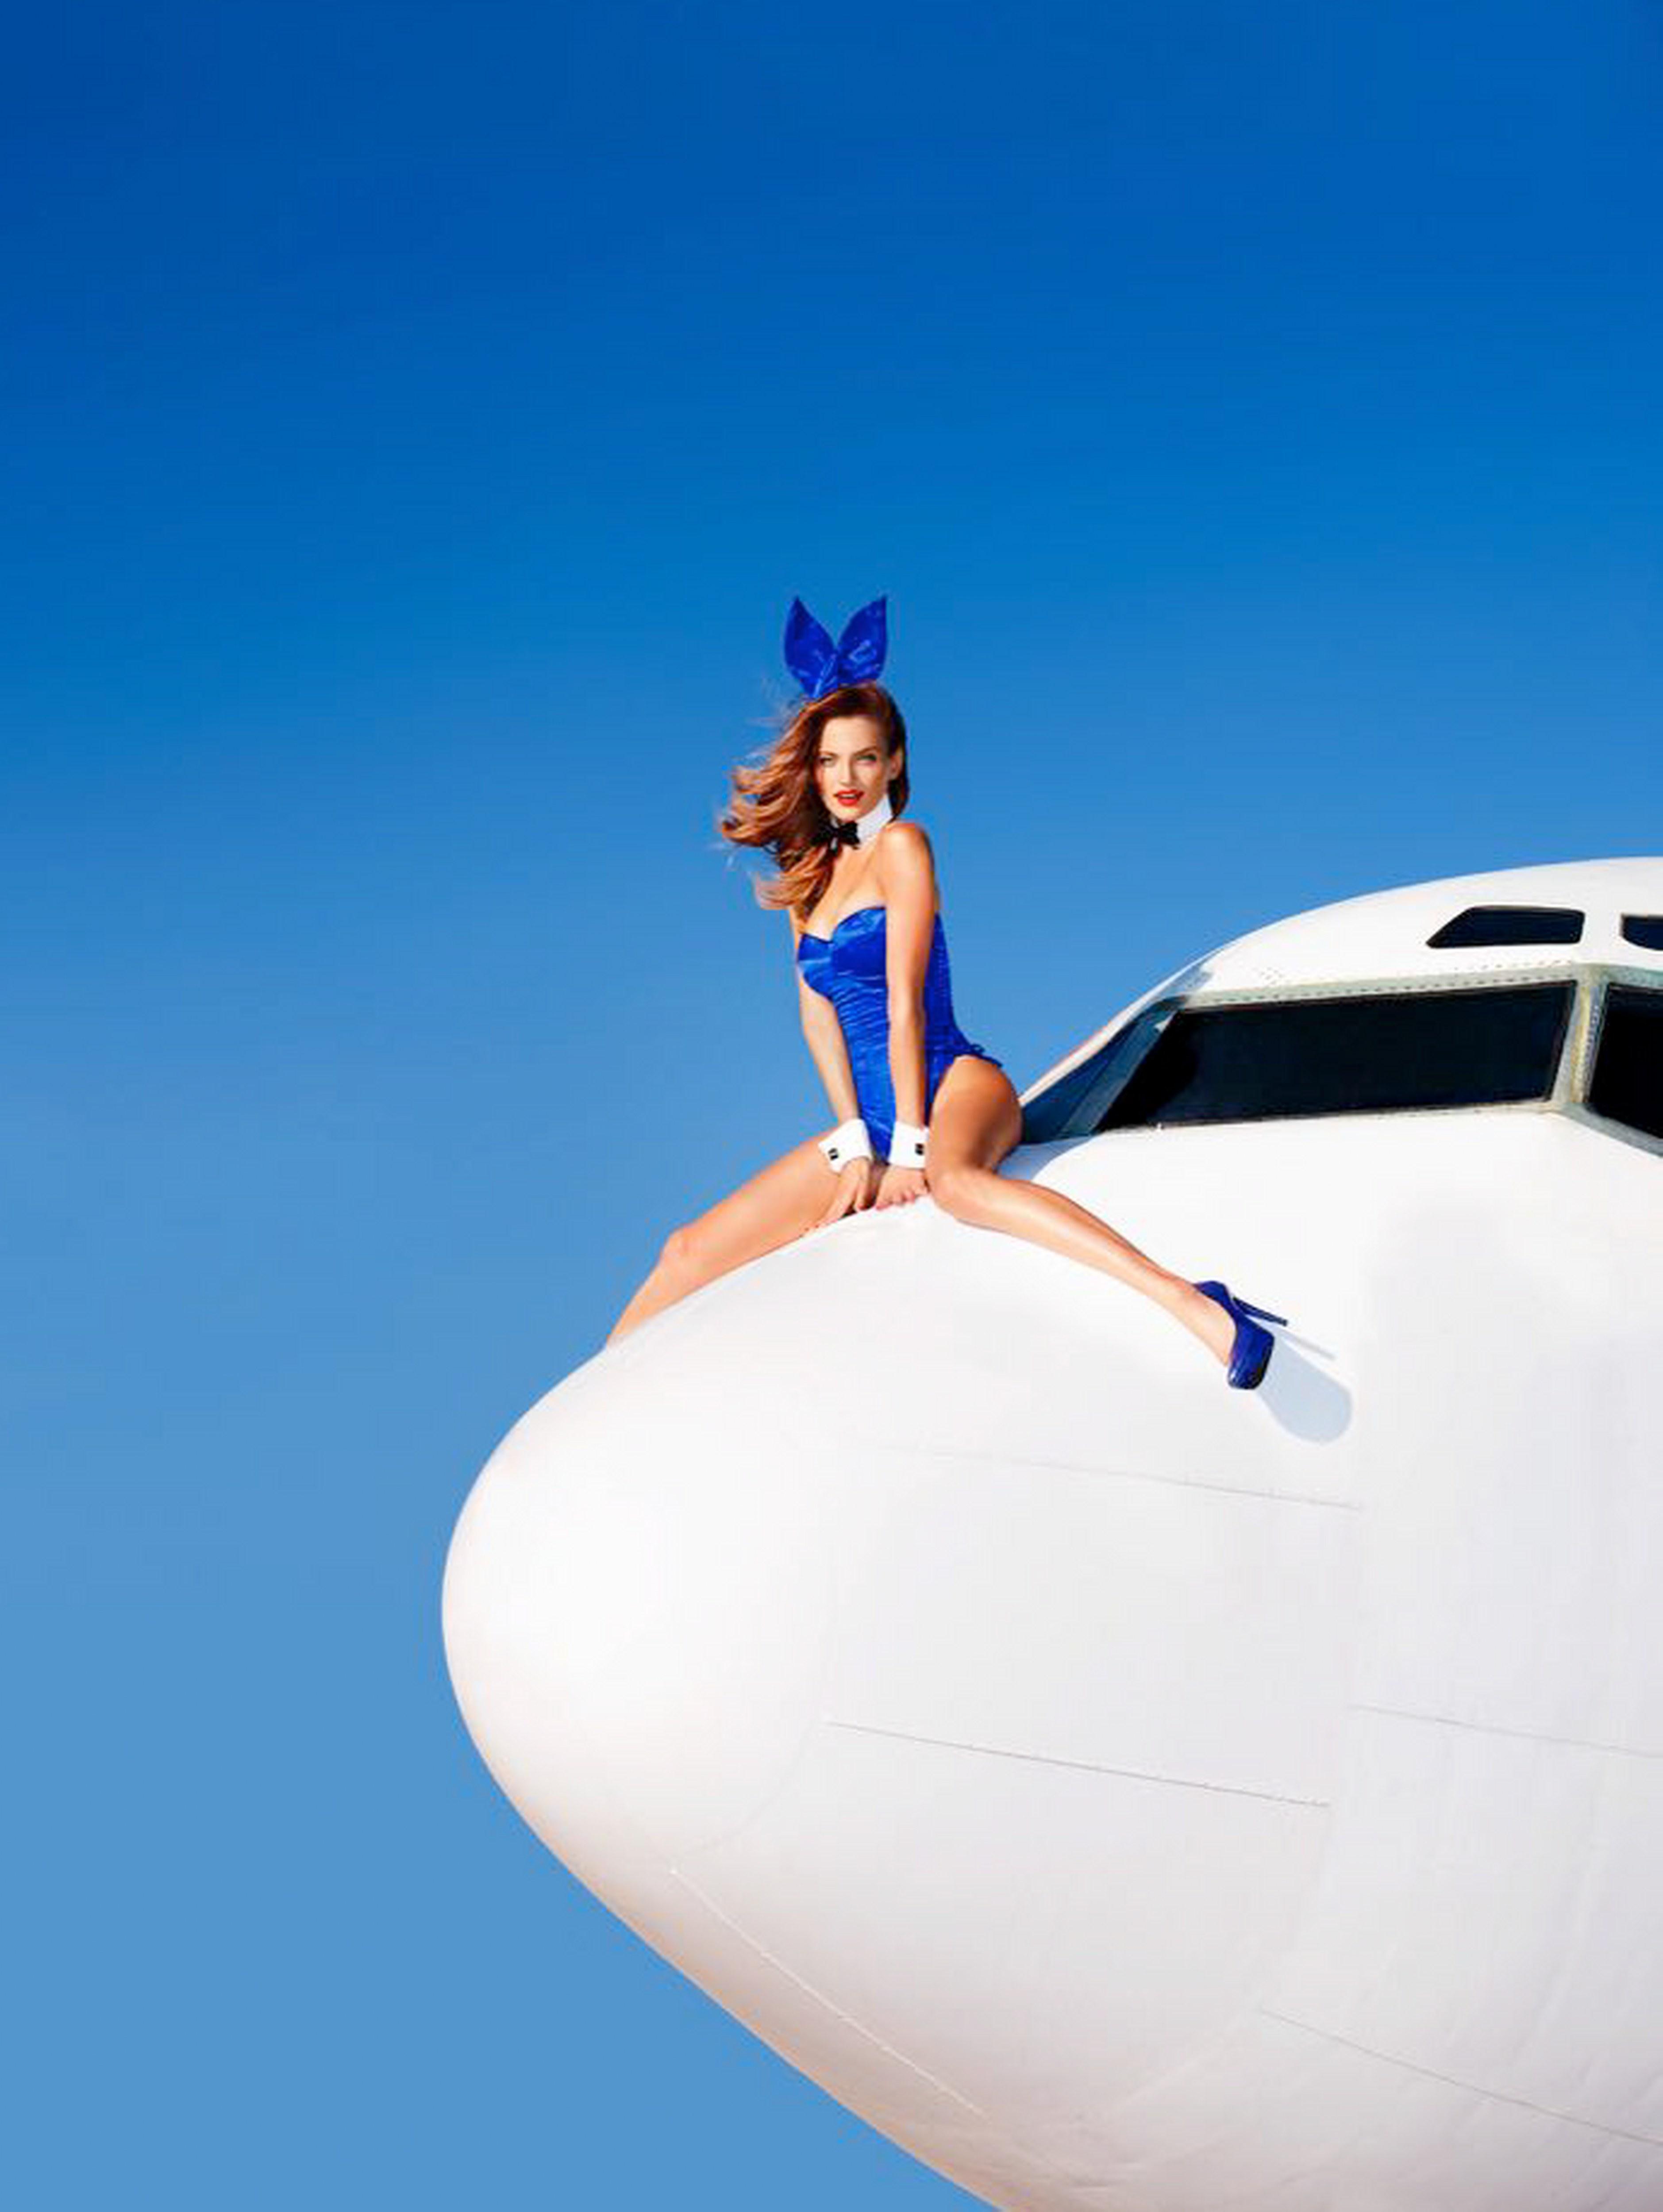 Flight TK75